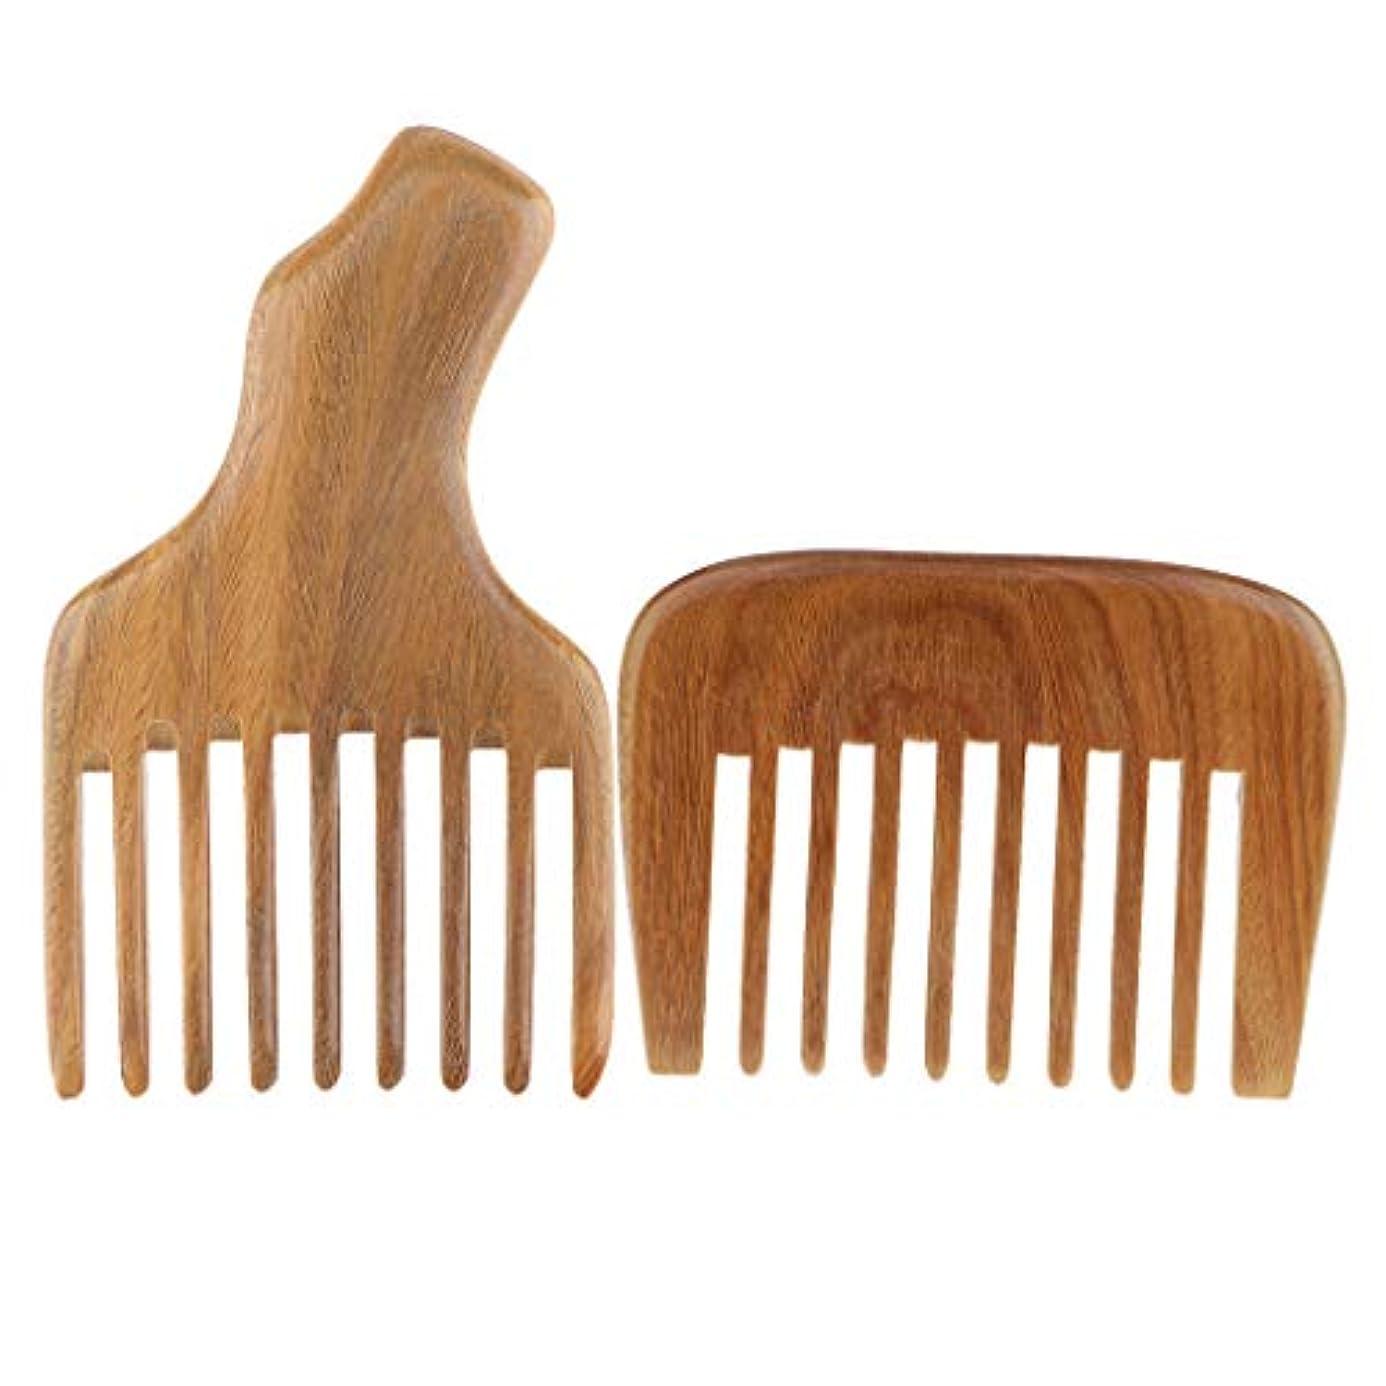 逮捕スコットランド人装置2個 木製櫛 ウッドコーム ワイド歯 ギフト 髪型 ひげ 口ひげ